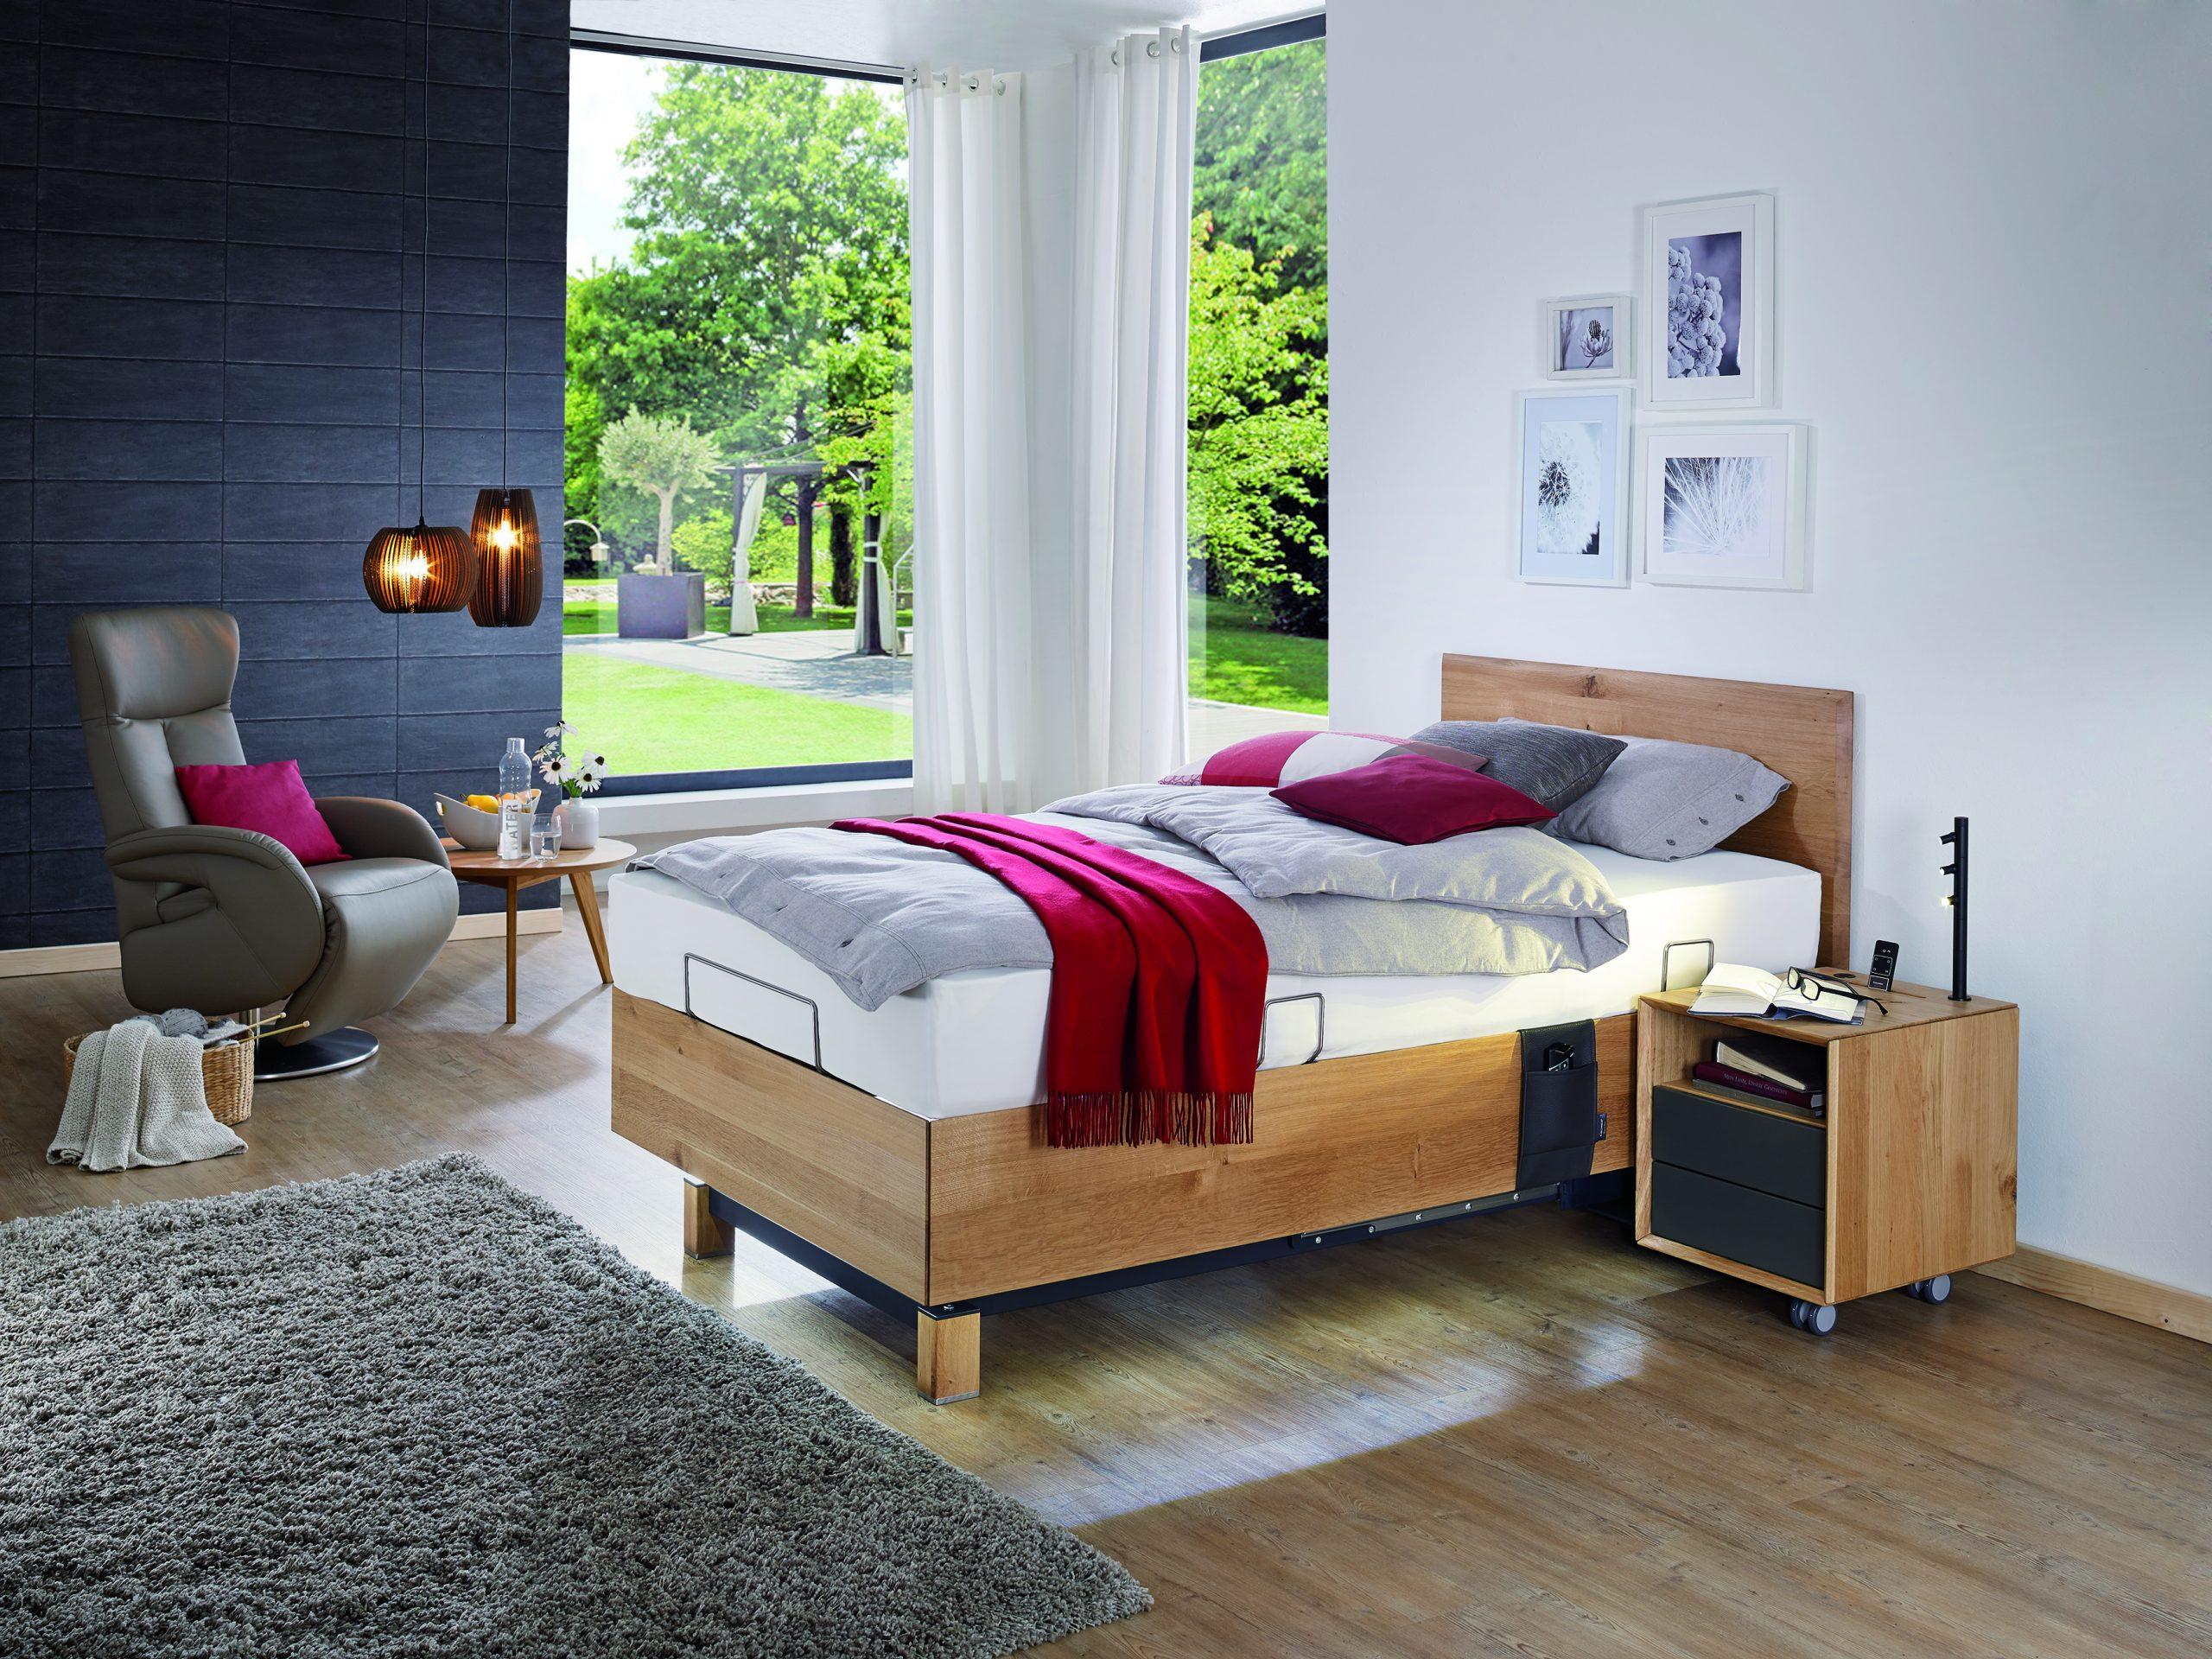 Full Size of Malm Bett Mit Aufbewahrung Ikea 180x200 Betten 160x200 140x200 120x200 Aufbewahrungstasche Vakuum 90x200 Aufbewahrungsbeutel Stauraum In Berlin Schneider Bett Betten Mit Aufbewahrung